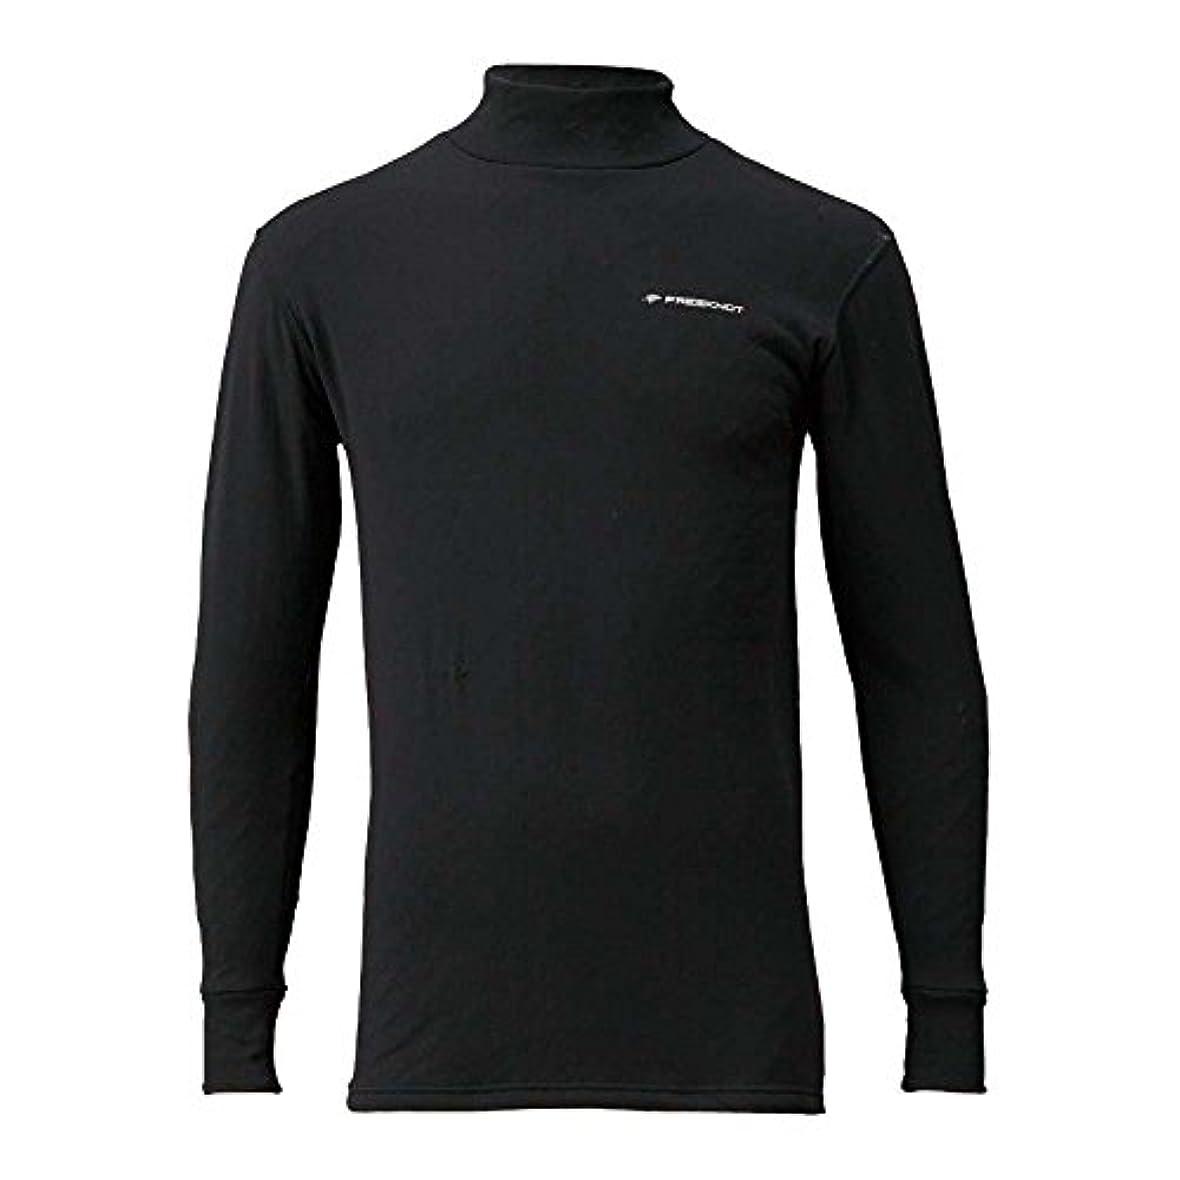 正しい液体困惑フリーノット(FREE KNOT) レイヤーテック モックネックシャツ ストレッチ厚手 L Y1634 90 ブラック